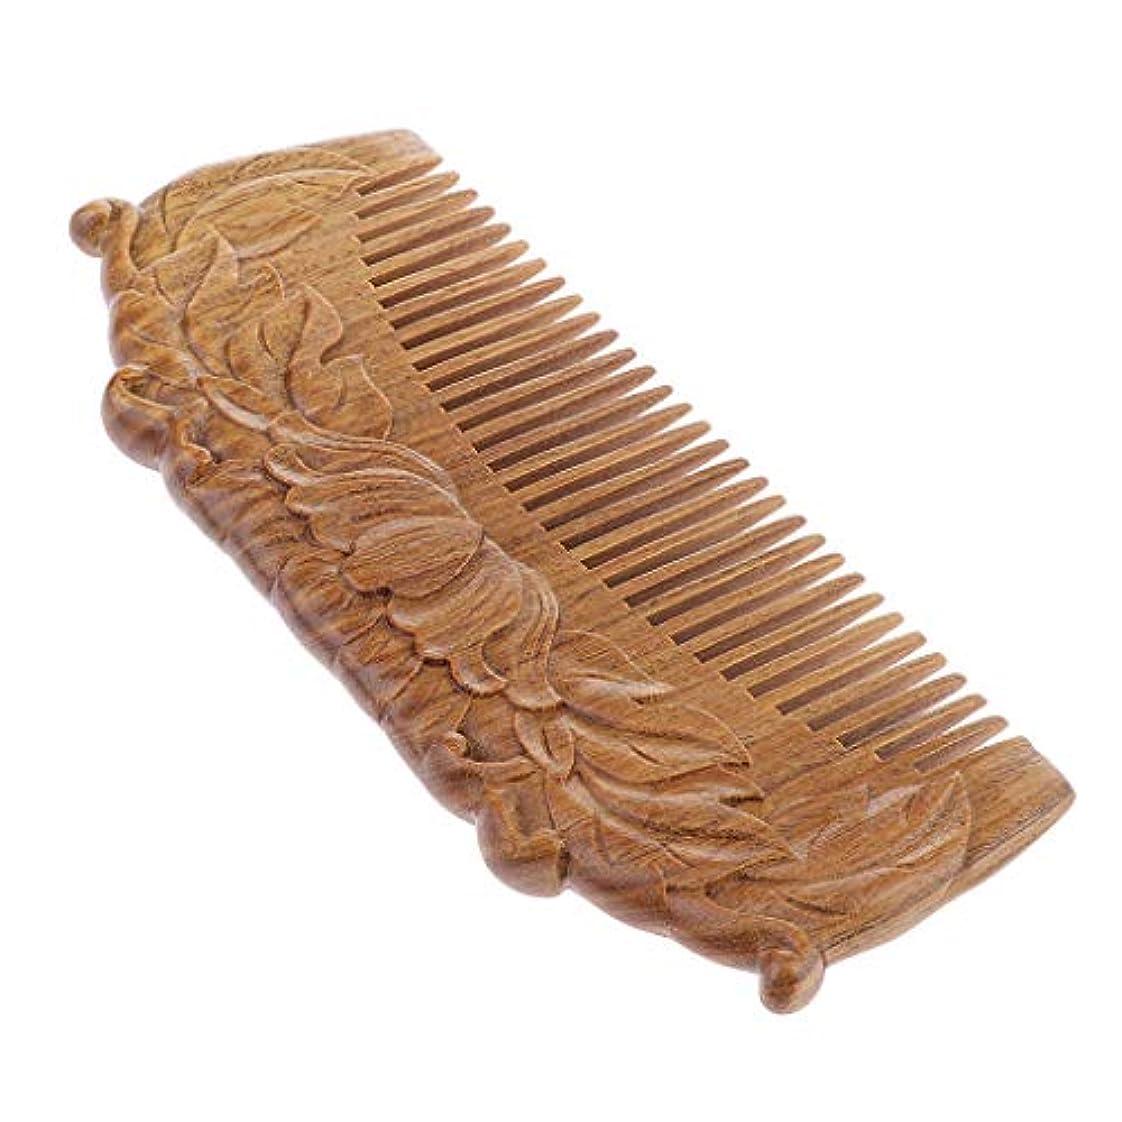 突撃サロン部屋を掃除するF Fityle ウッドコーム 木製櫛 高品質 手作り 天然木 帯電防止櫛 頭皮マッサージ ヘアブラシ